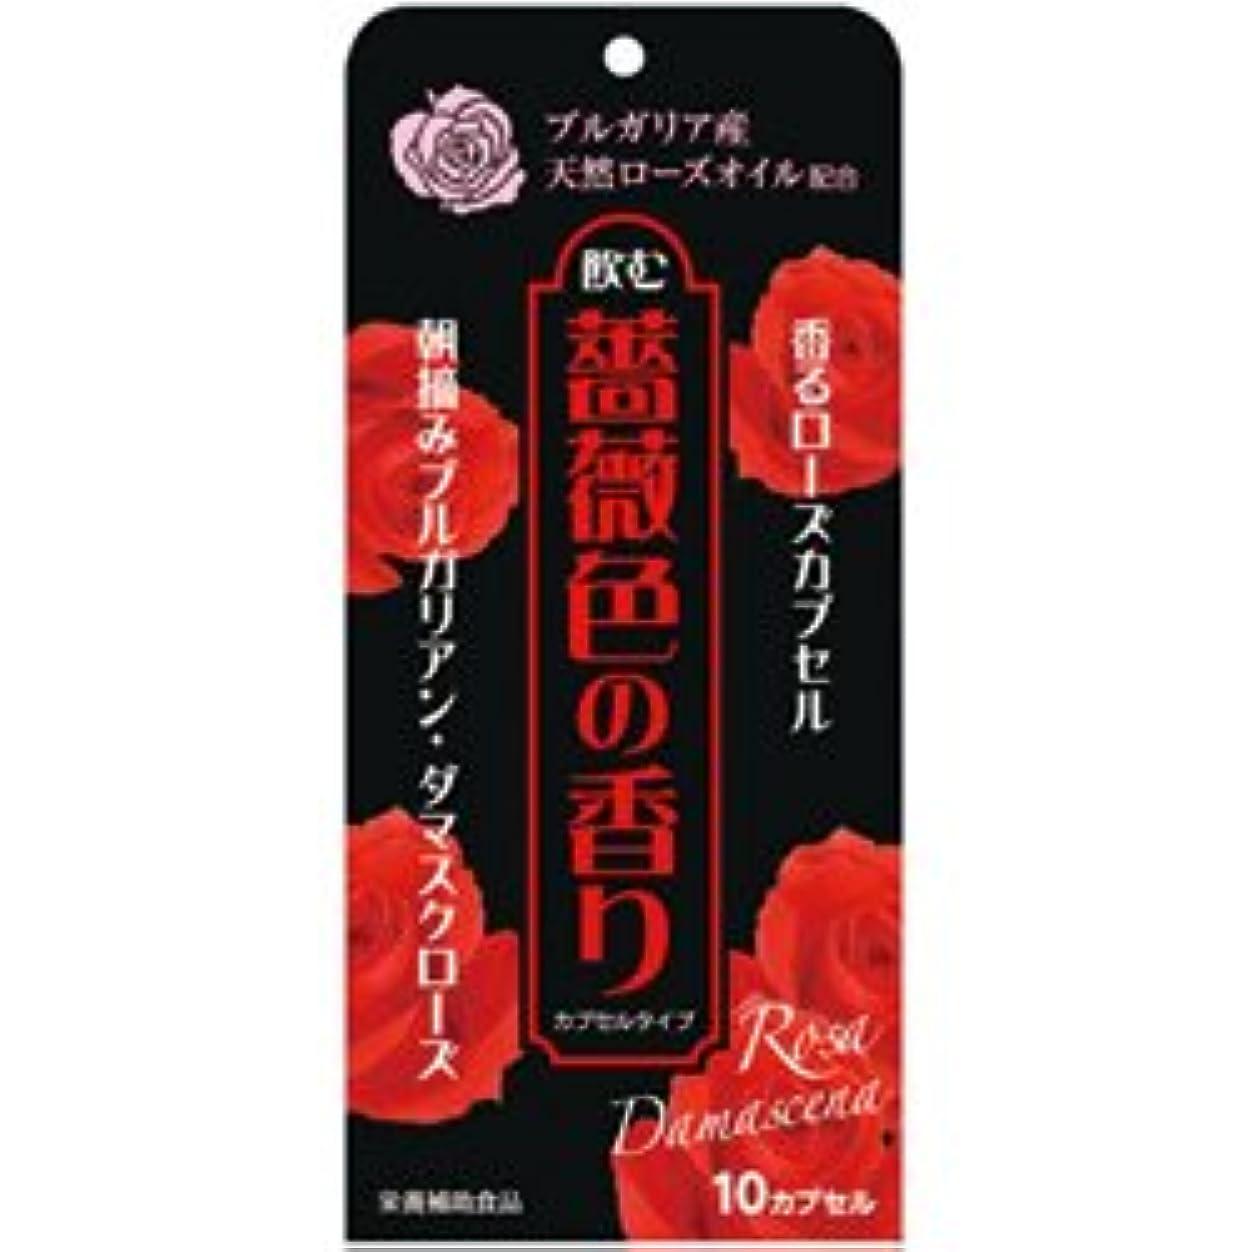 追い出す晩ごはん雹【ウェルネスジャパン】飲む薔薇色の香り 10カプセル ×20個セット